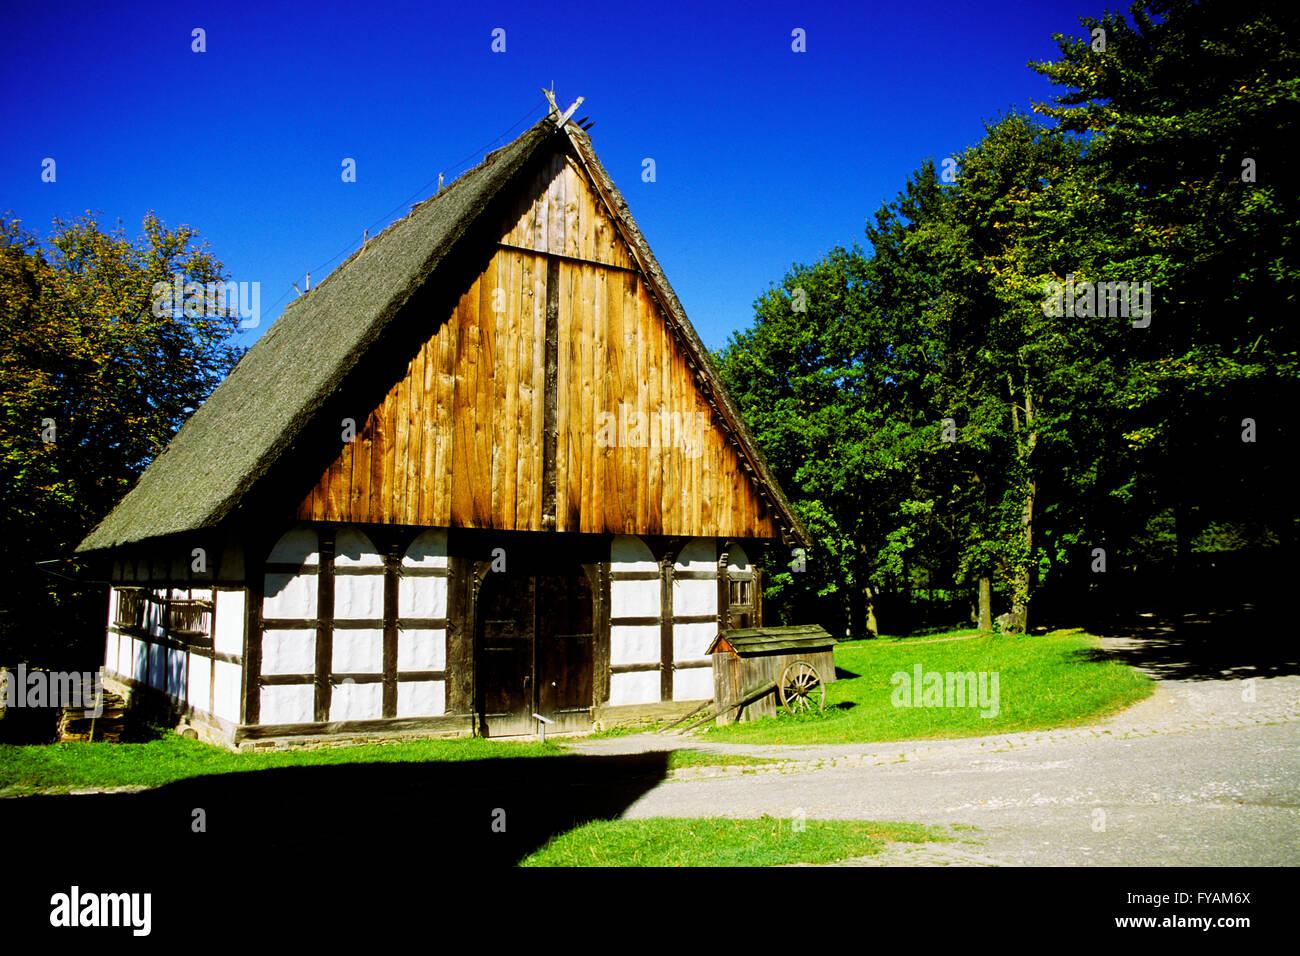 Detmold, Deutschland. Holz-Rahmen-Bauernhof-Haus Stockfoto, Bild ...